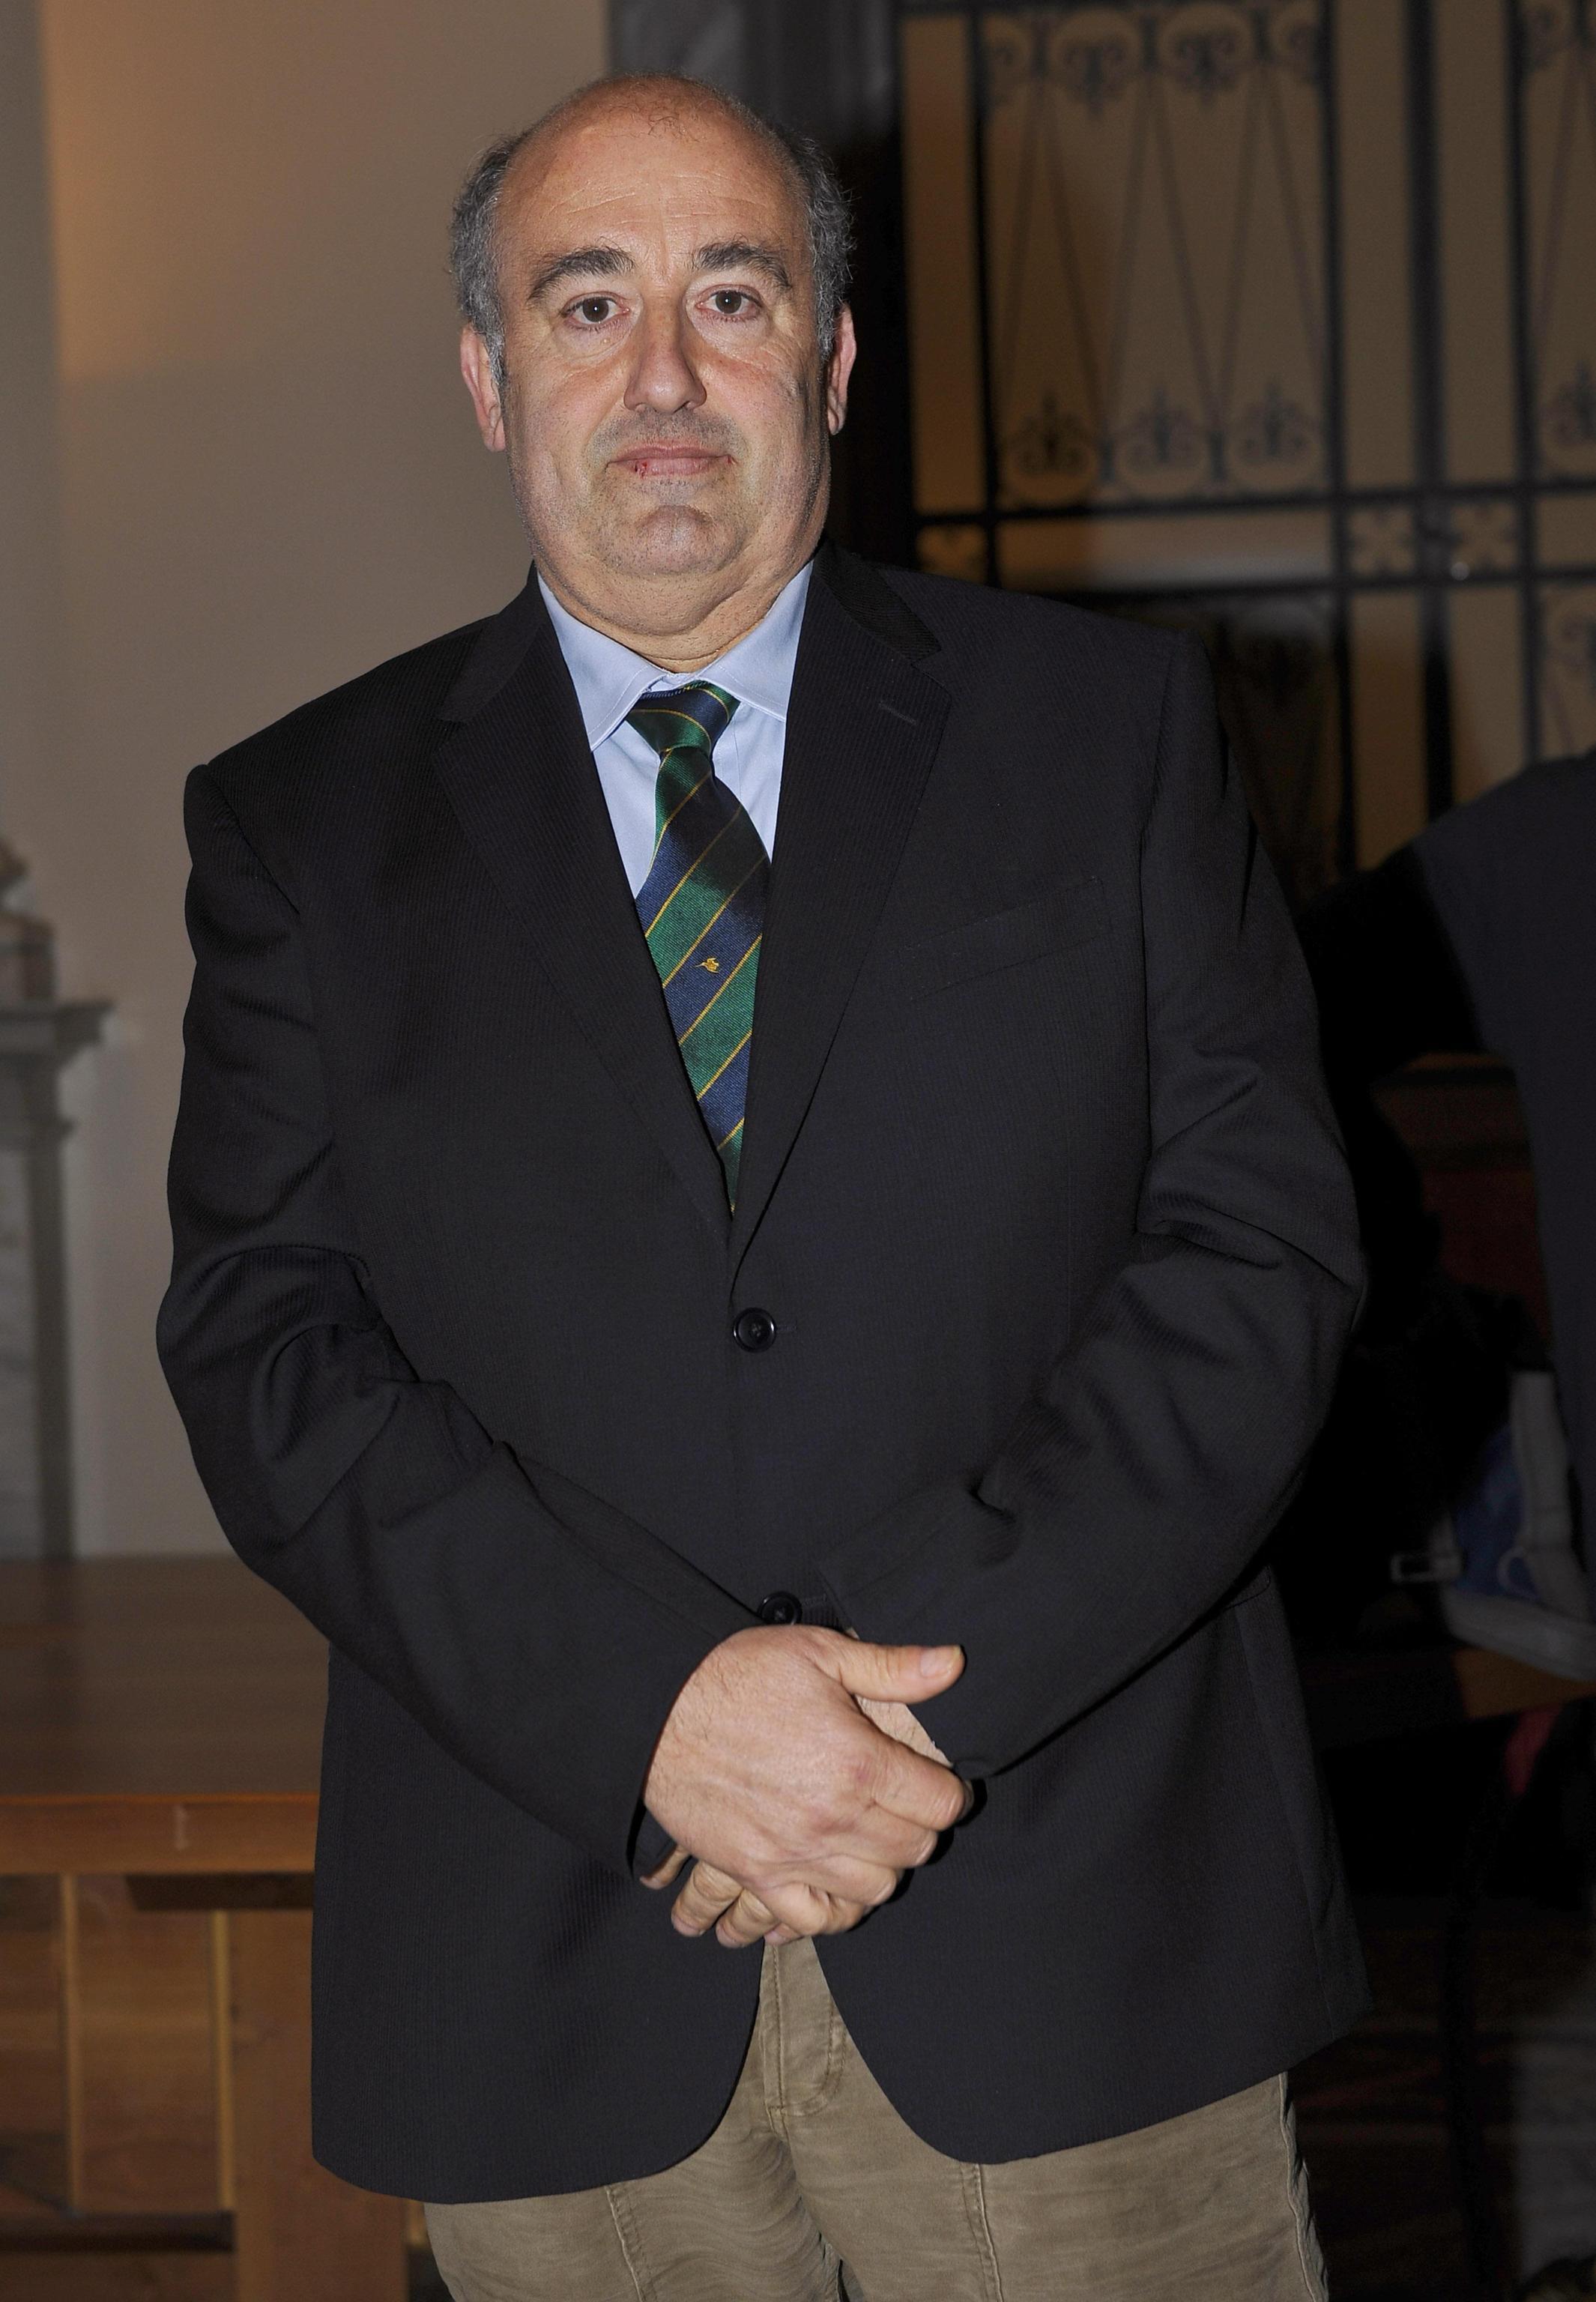 Morto sindaco,Spoleto spegne luci Natale